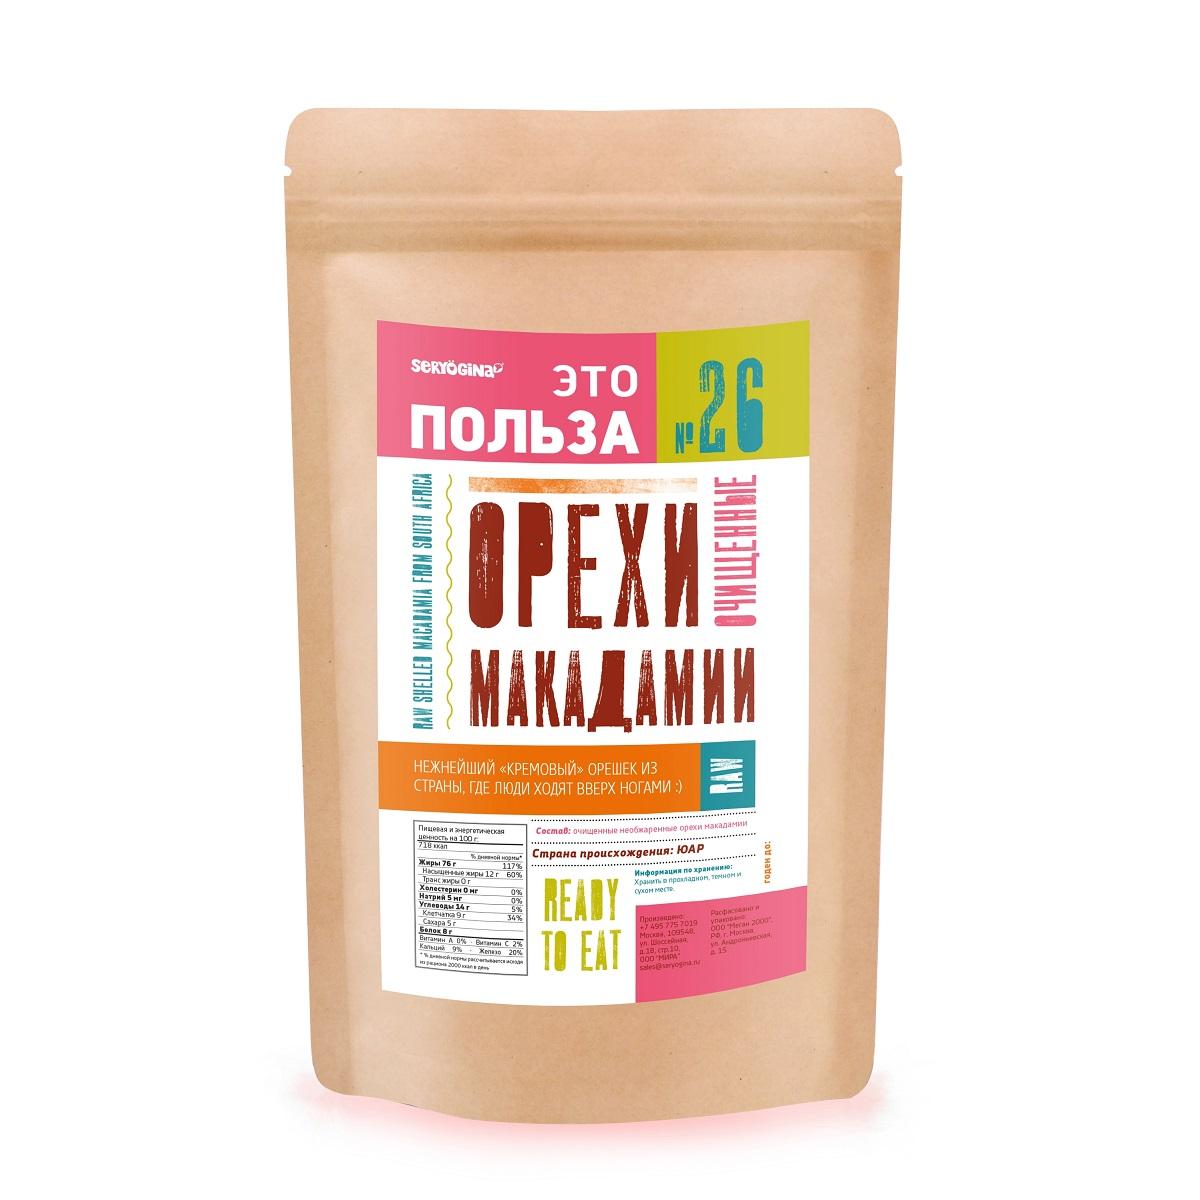 Seryogina Орех макадамии очищенный, 100 г208Уникальные орешки помогут при мигренях и придадут сил